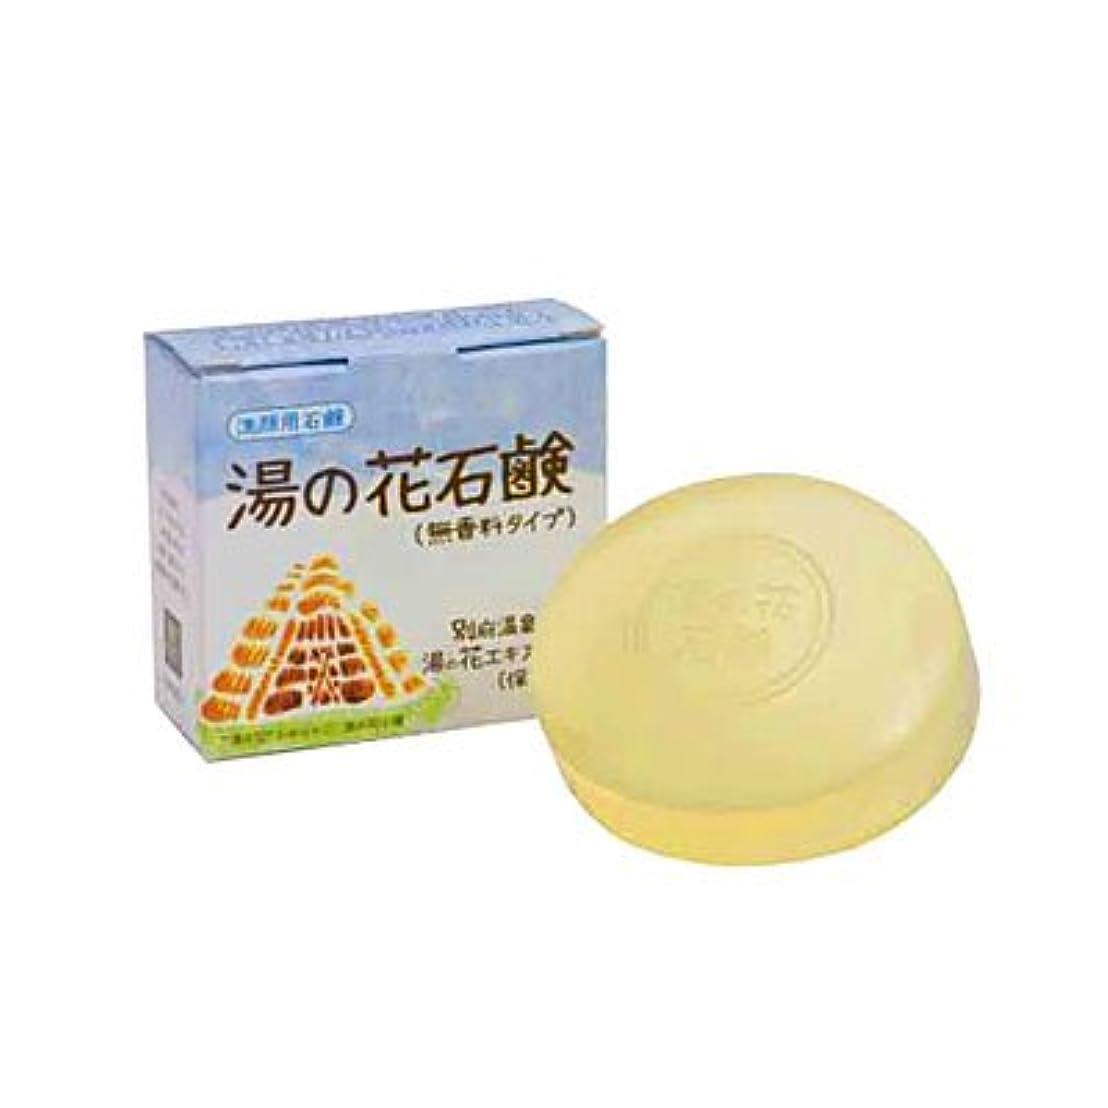 騒アセンブリバスルーム薬用 湯の花石鹸 ビーナス1 80g